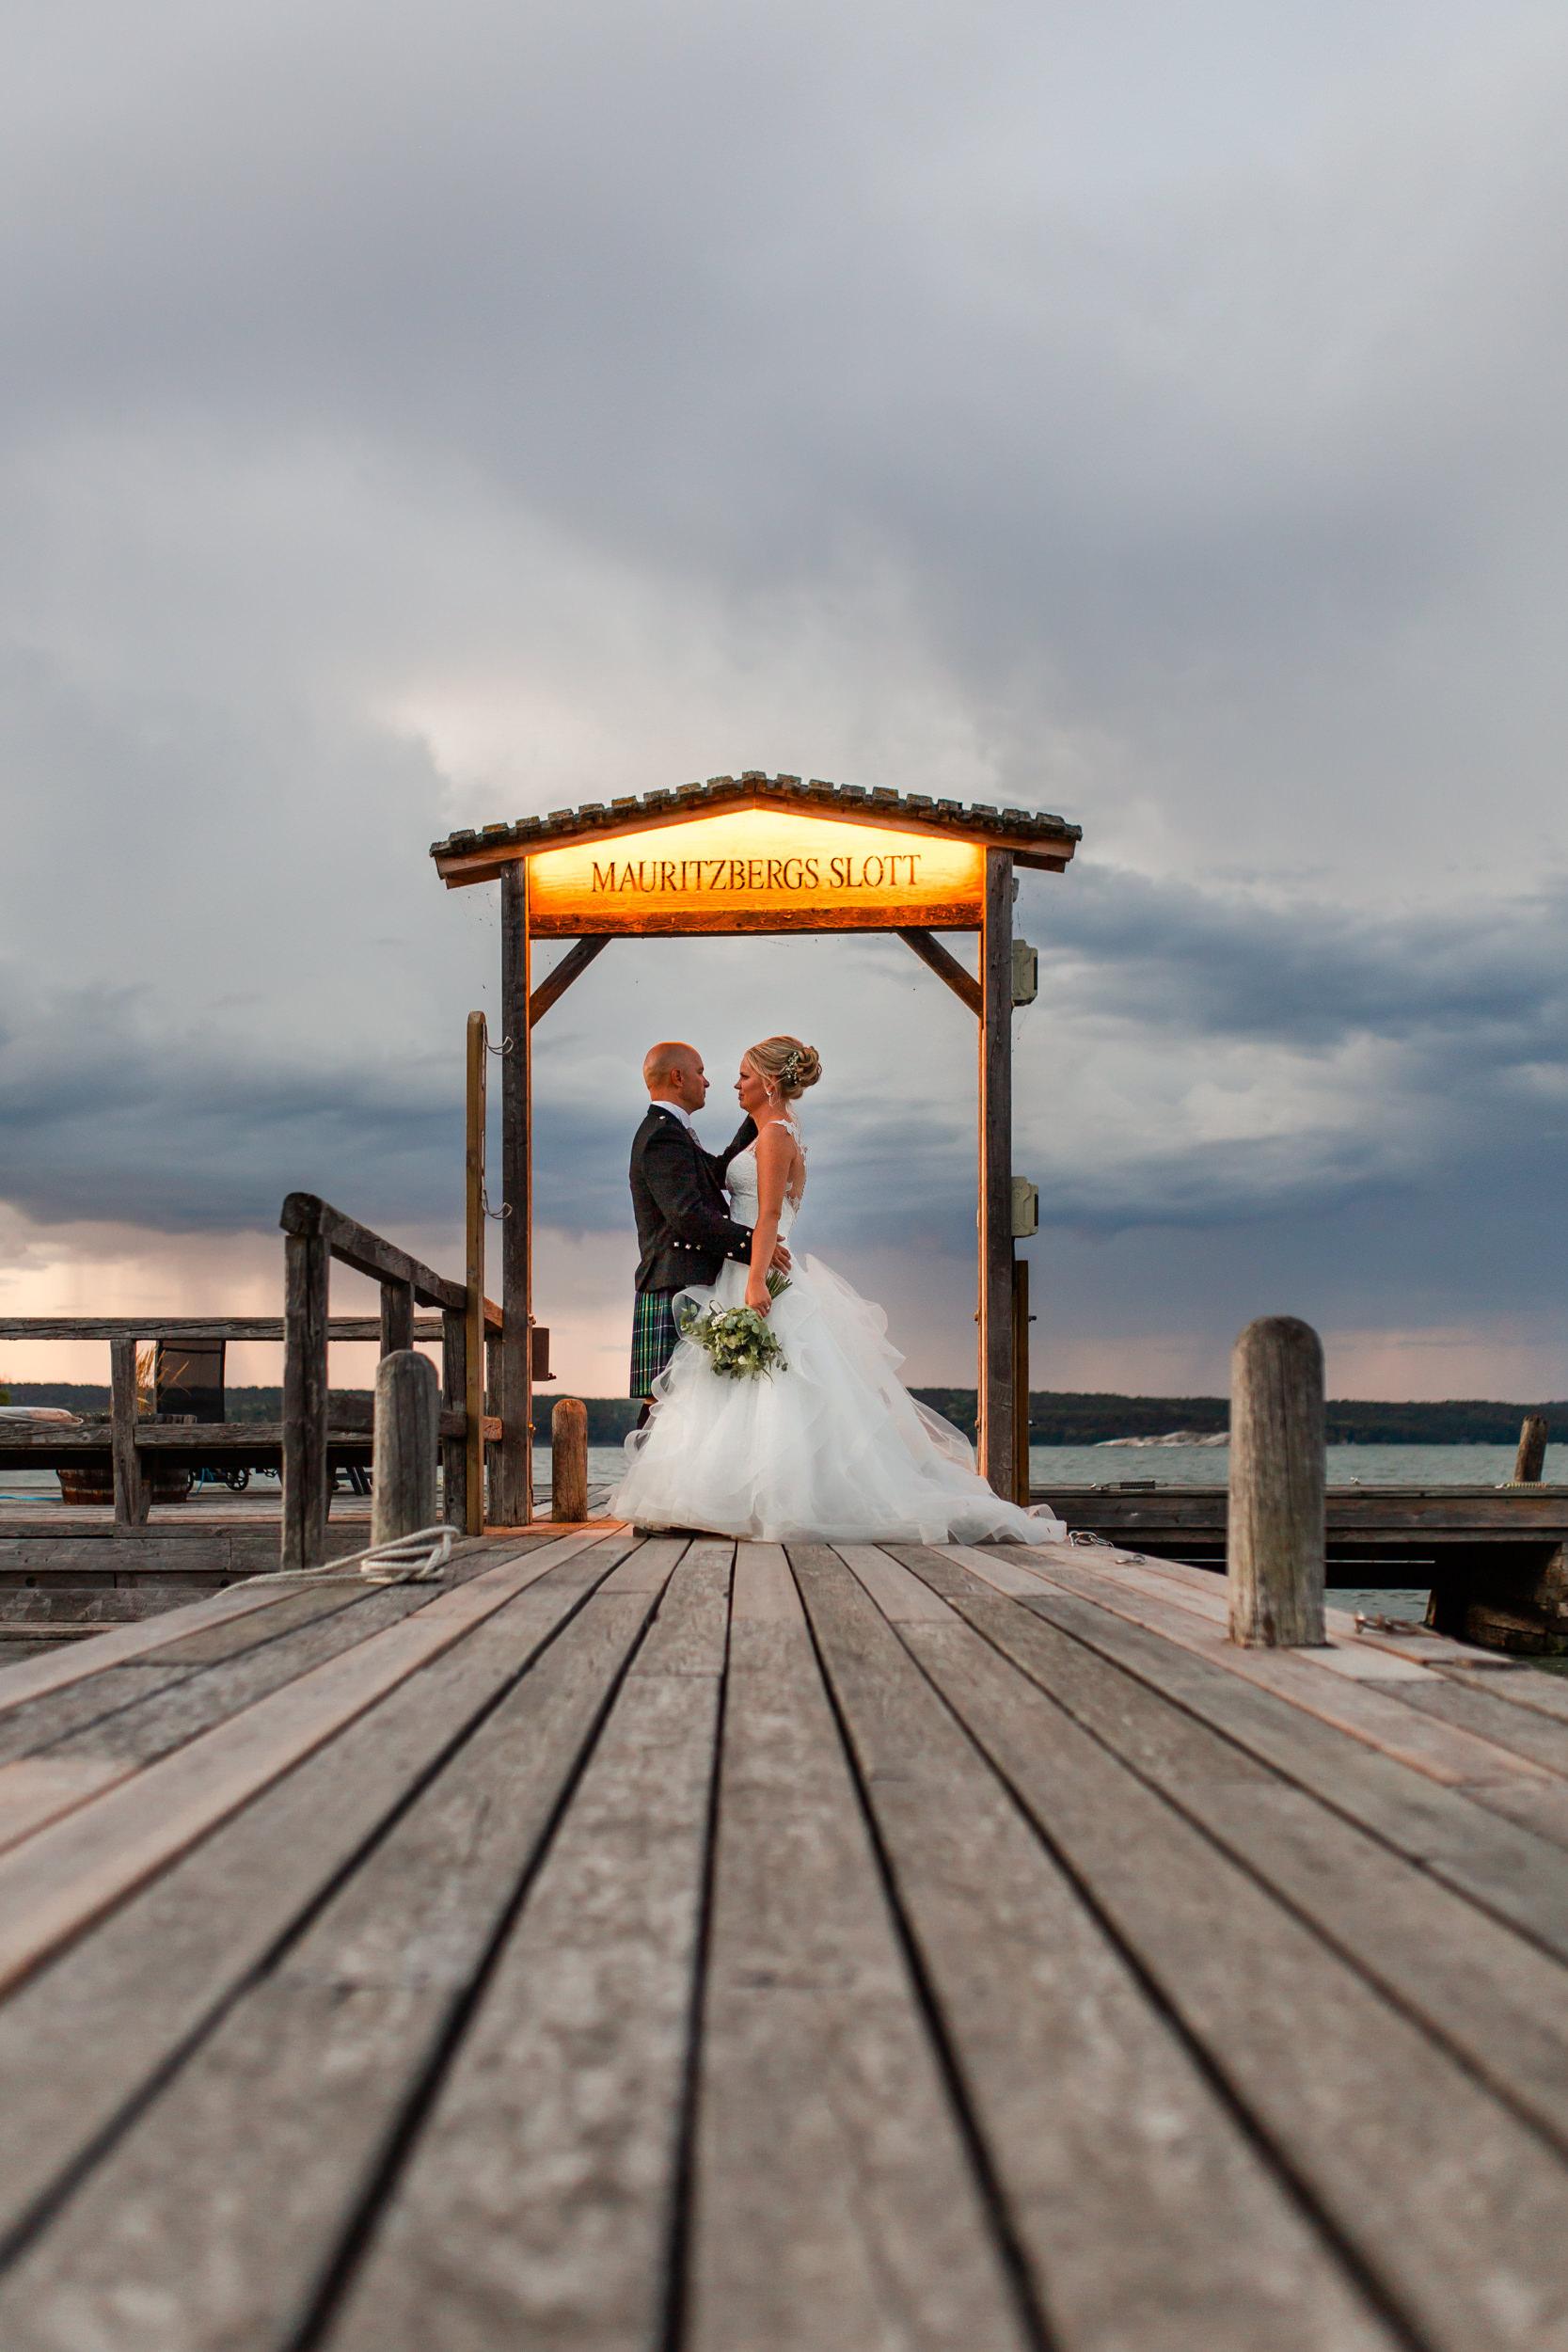 Bröllopsfotografering på Mauritzberg Slott